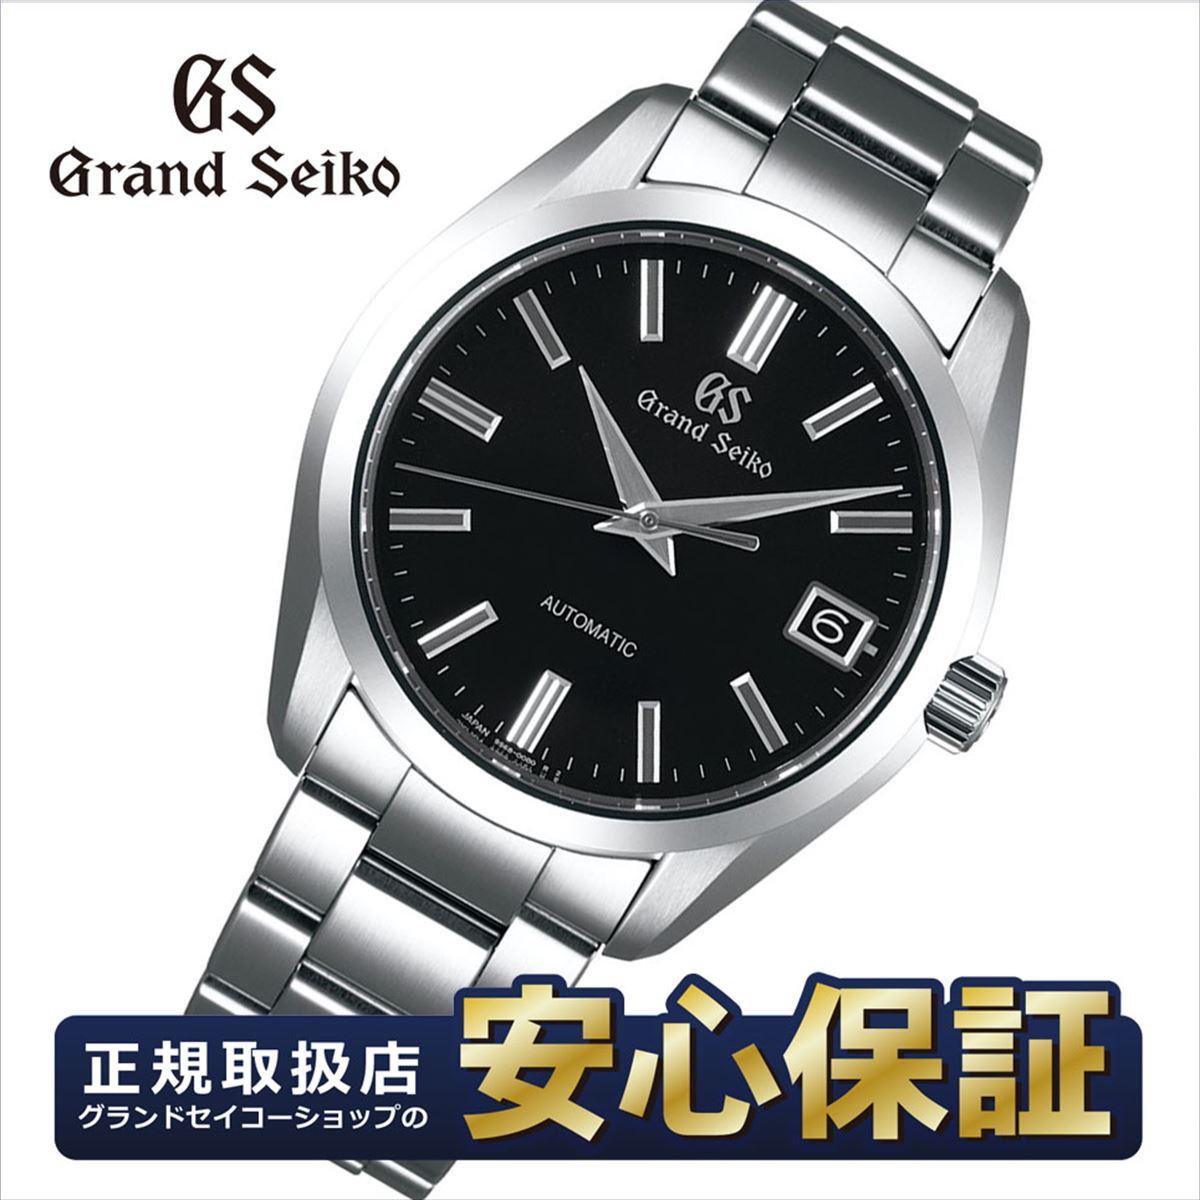 promo code 1cc24 70d23 グランドセイコー腕時計のおすすめ|自分へのご褒美!人気 ...